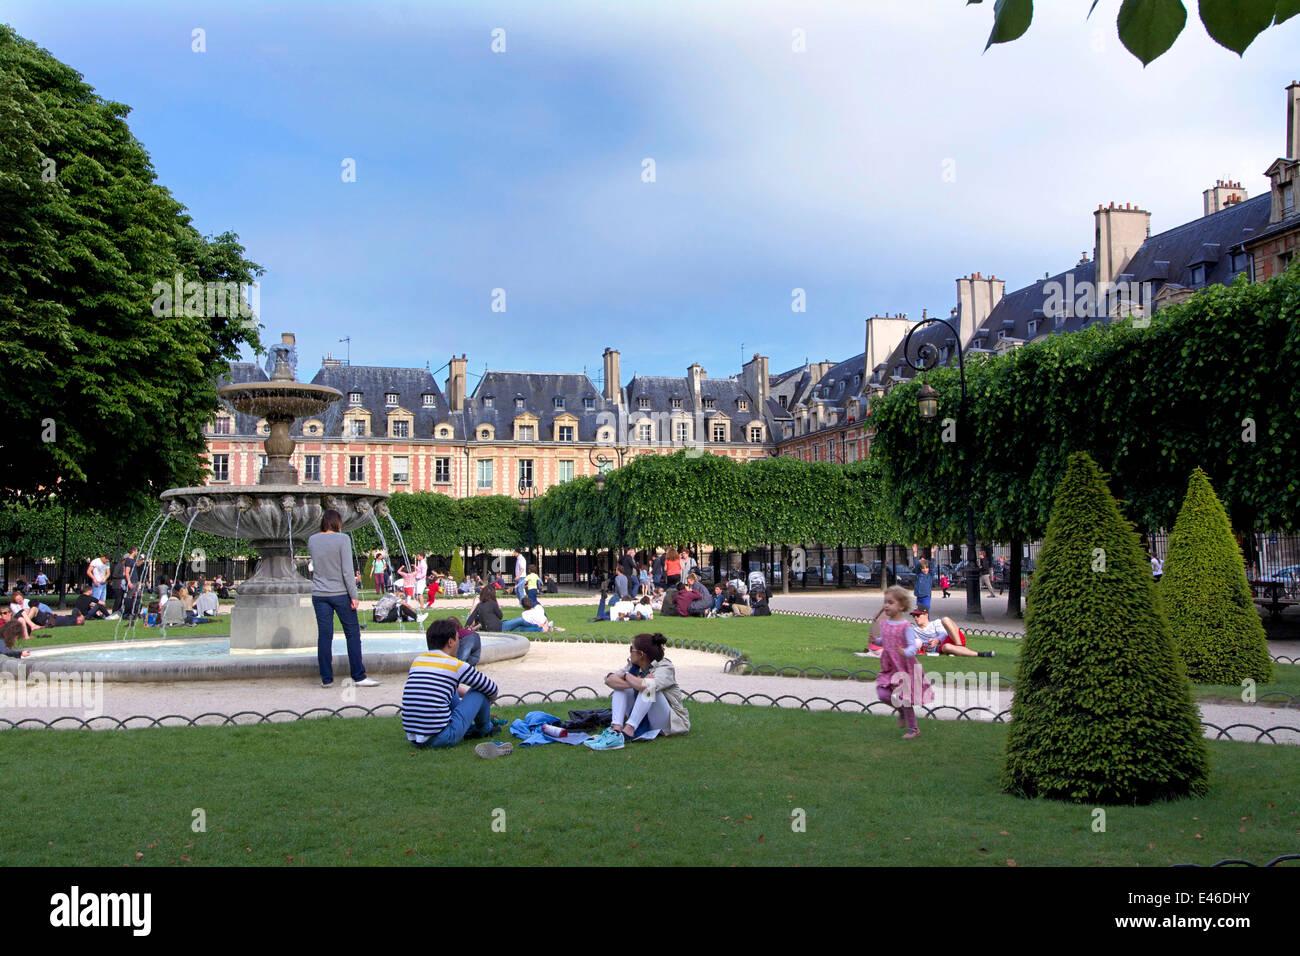 Place des Vosges with tourists, Paris, France - Stock Image